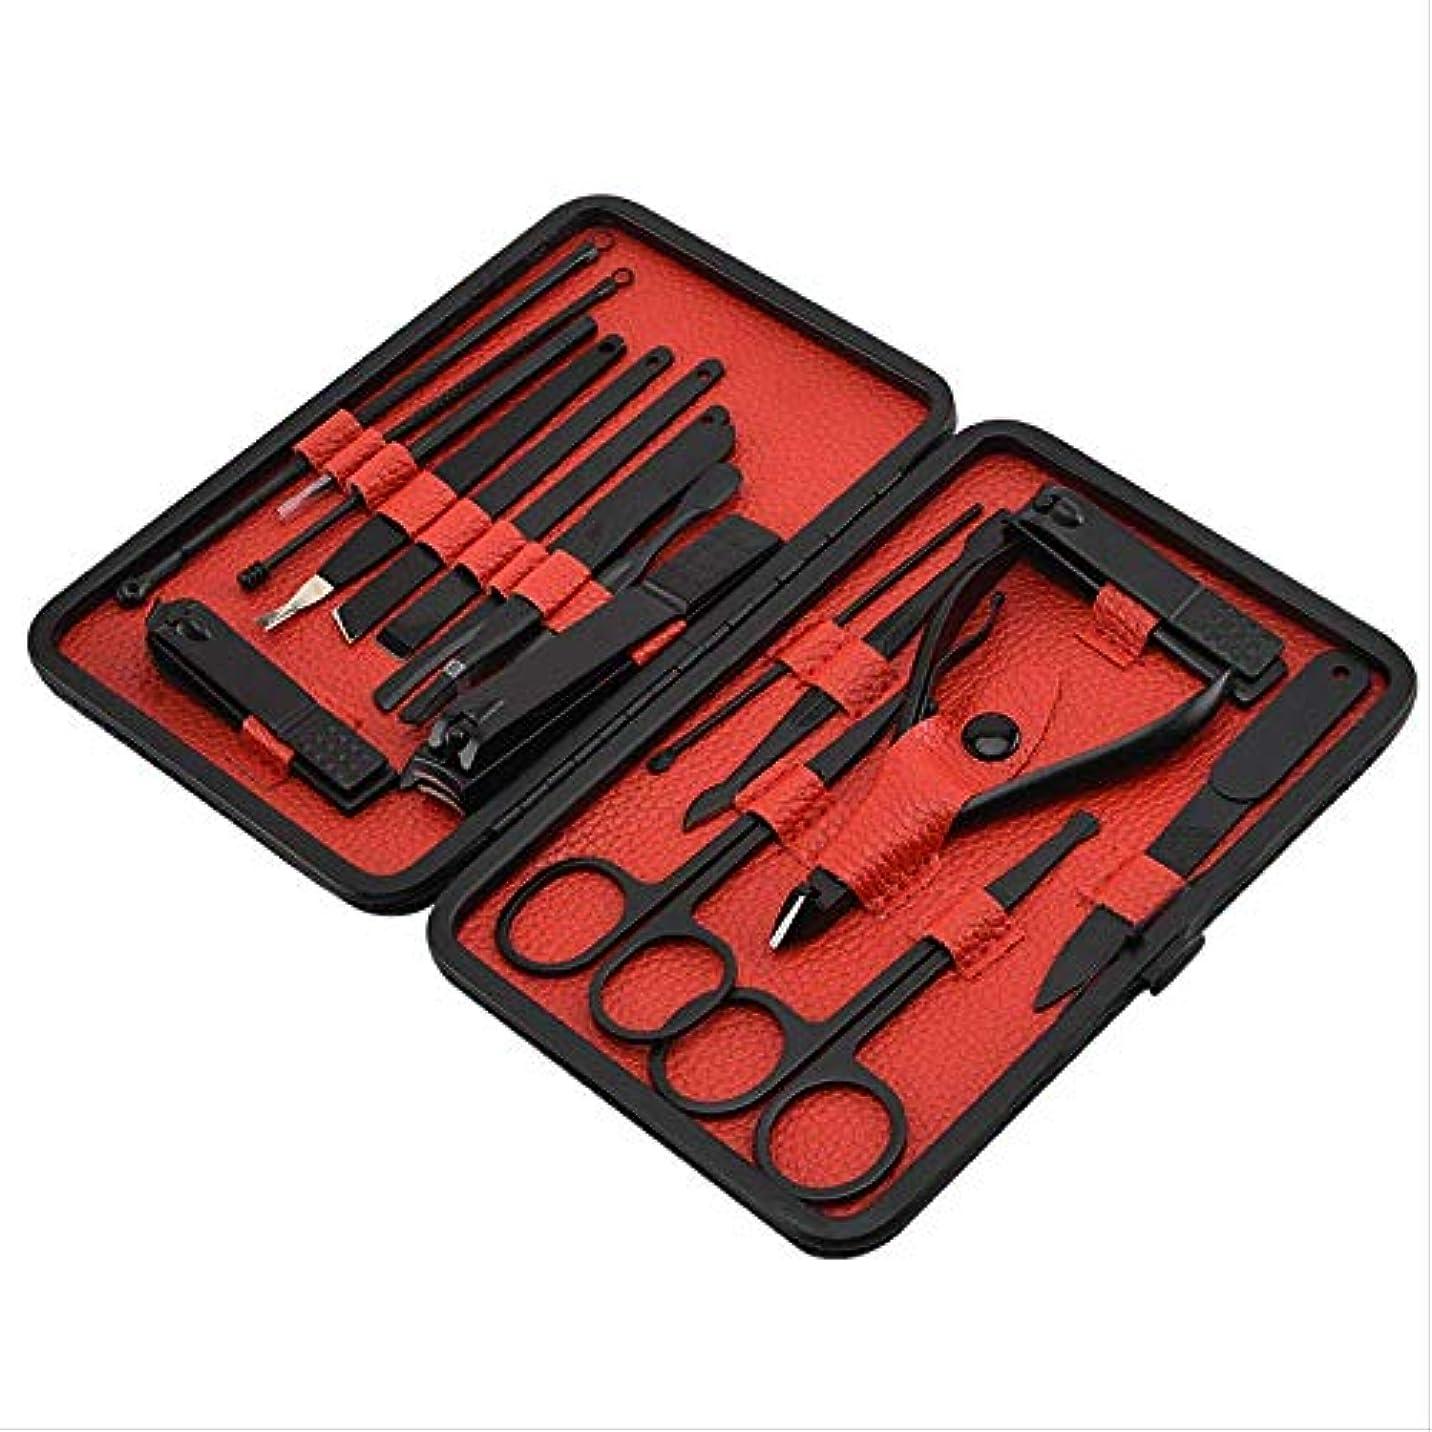 フィドル優しさキャッシュマニキュアケアネイルツールセット18個セット爪切り爪切りセット 18角ペンチセット